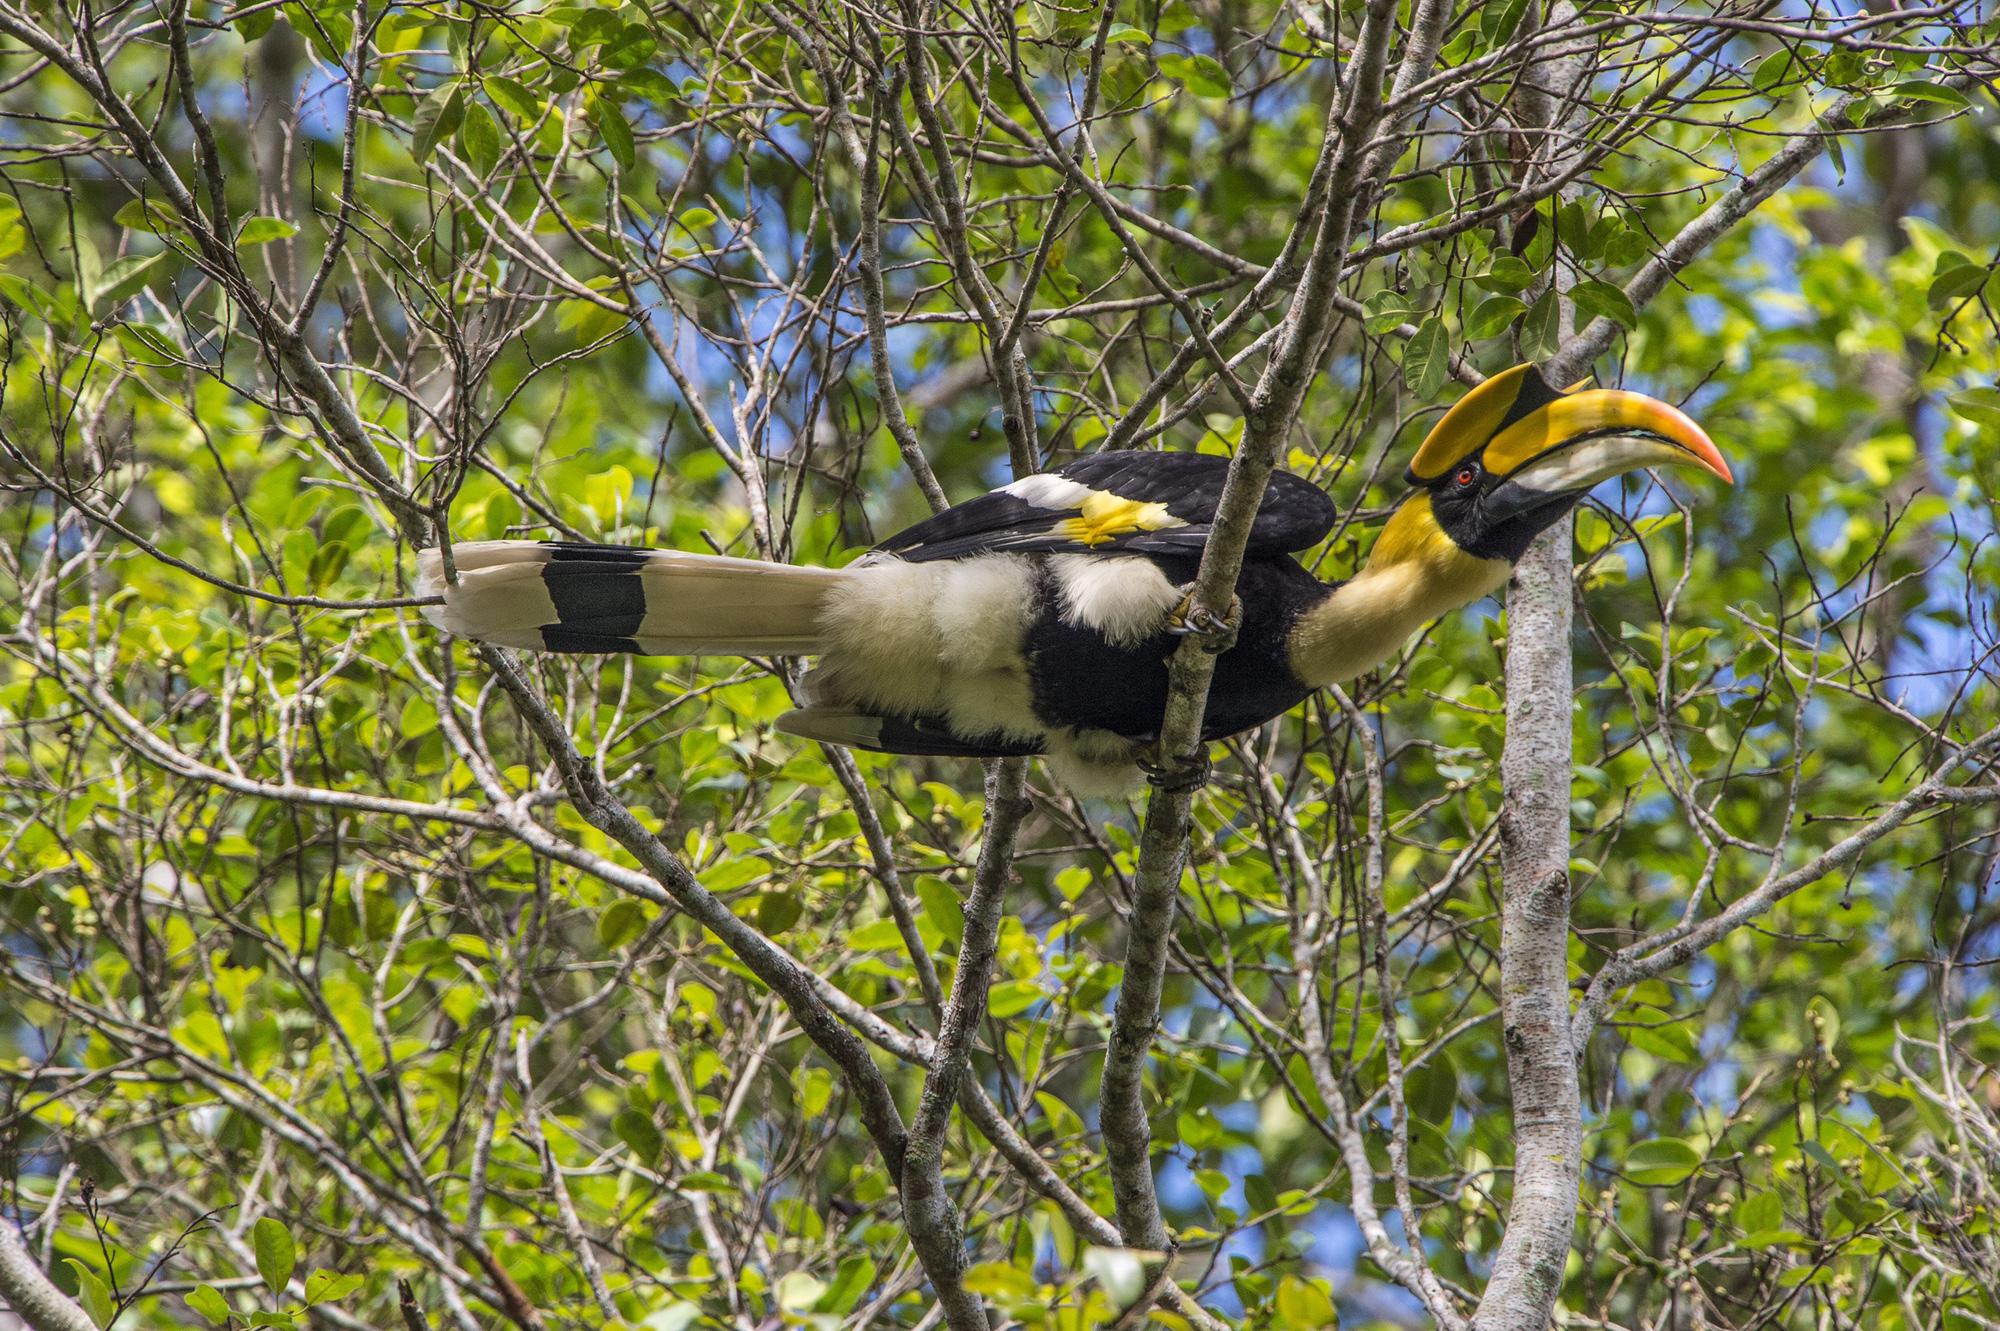 Chiêm ngưỡng những loài thú hoang dã độc lạ ở Khu dự trữ thiên nhiên Động Châu – Khe Nước Trong - Ảnh 3.